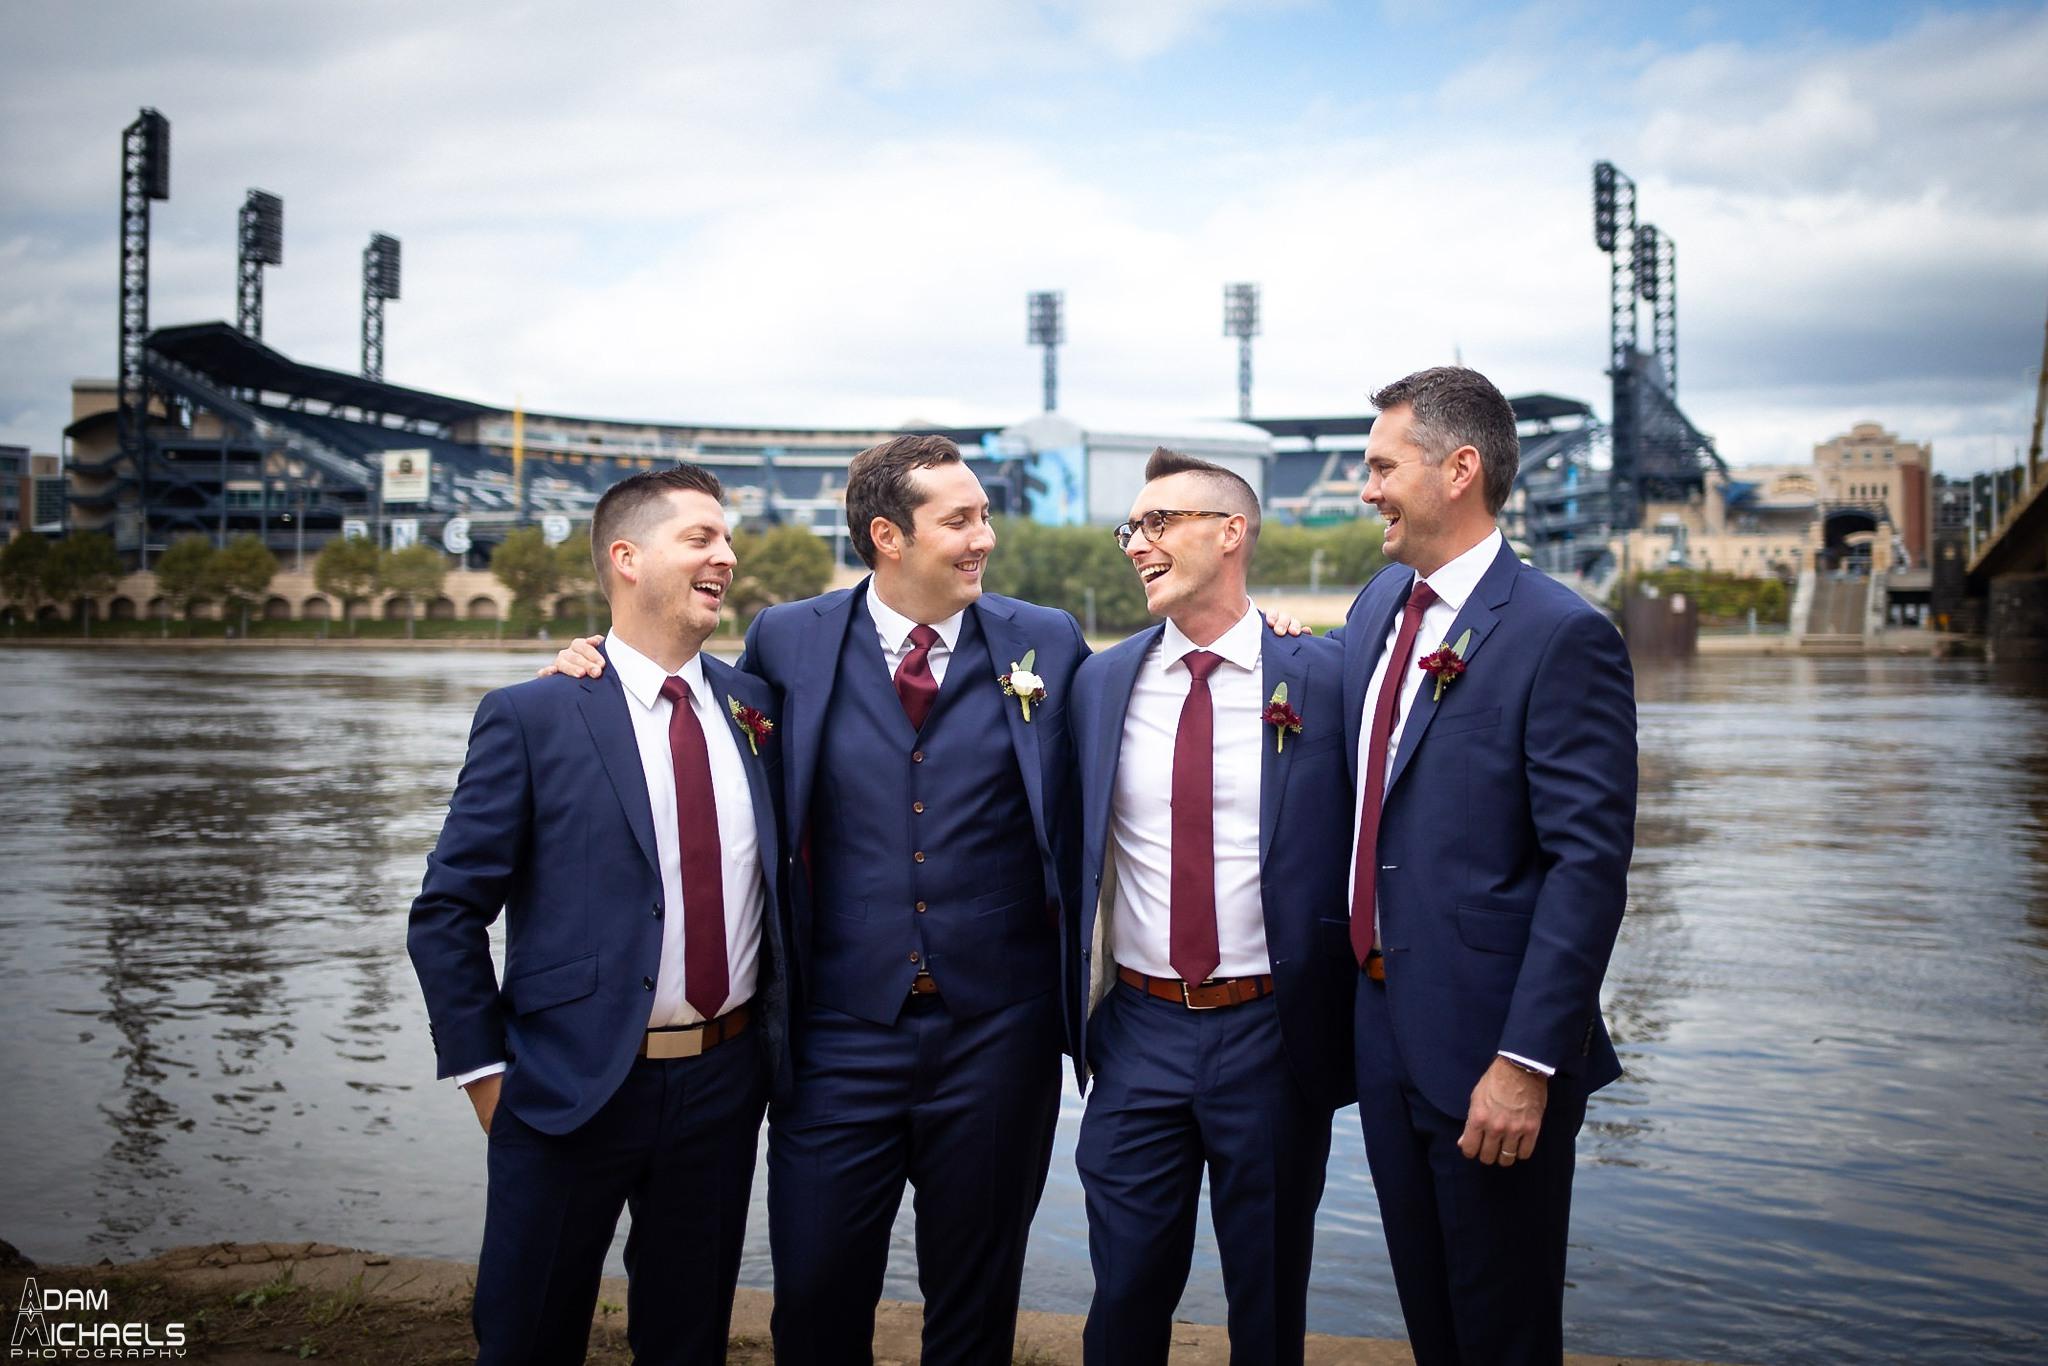 Clemente Brige Pittsburgh Groom Groomsmen Wedding Pictures_2608.jpg